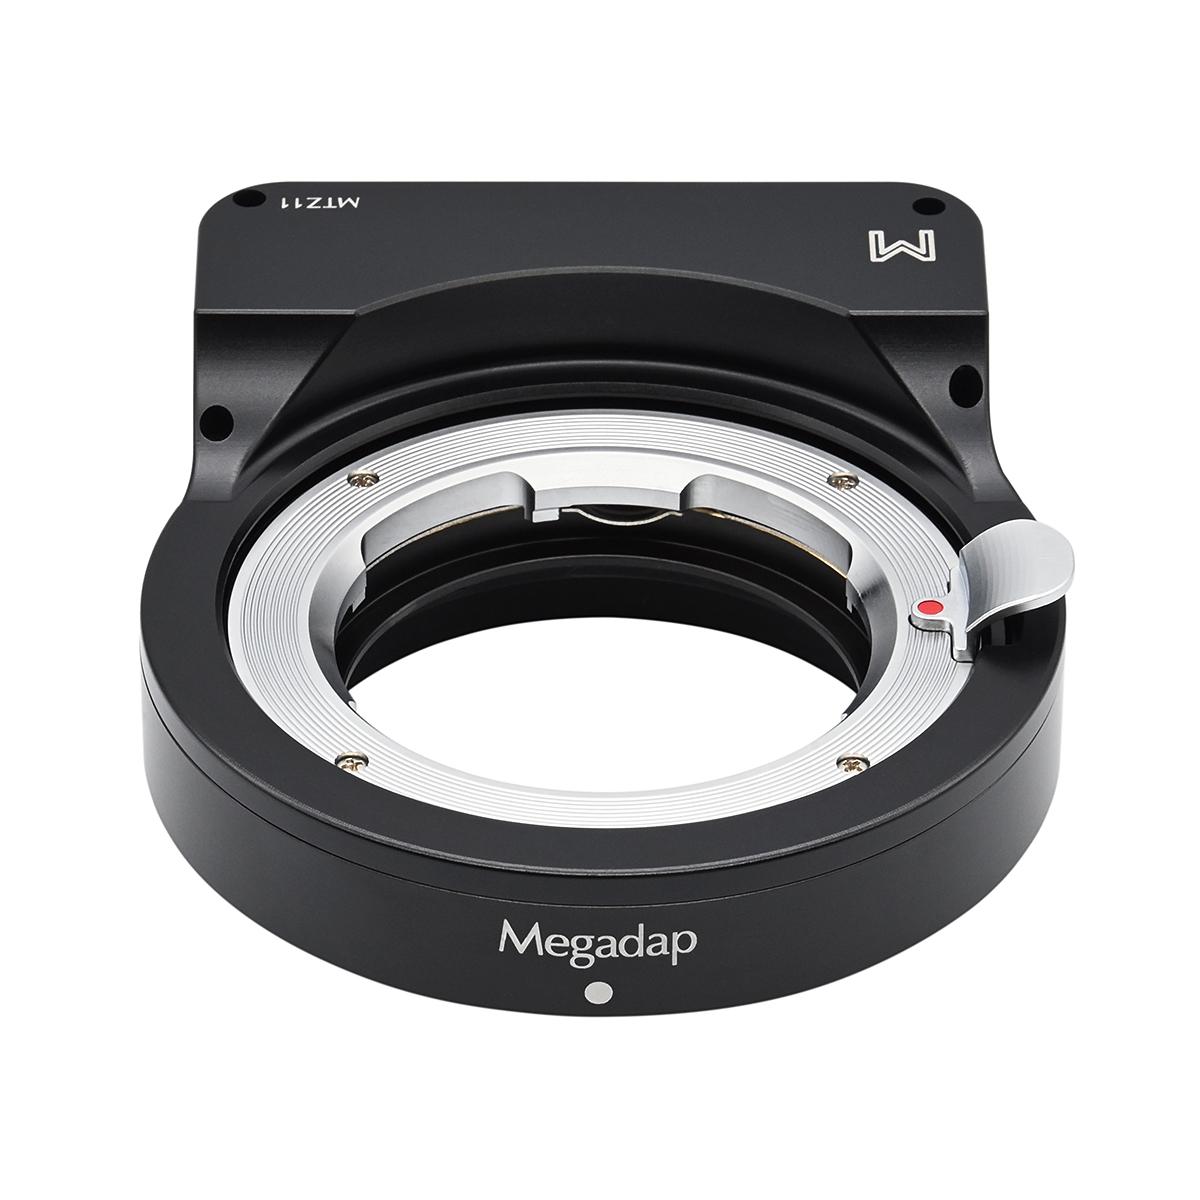 Megadap(メガダプ)MTZ11 (ライカMマウントレンズ → ニコンZマウント変換)電子マウントアダプター AF駆動モーター搭載